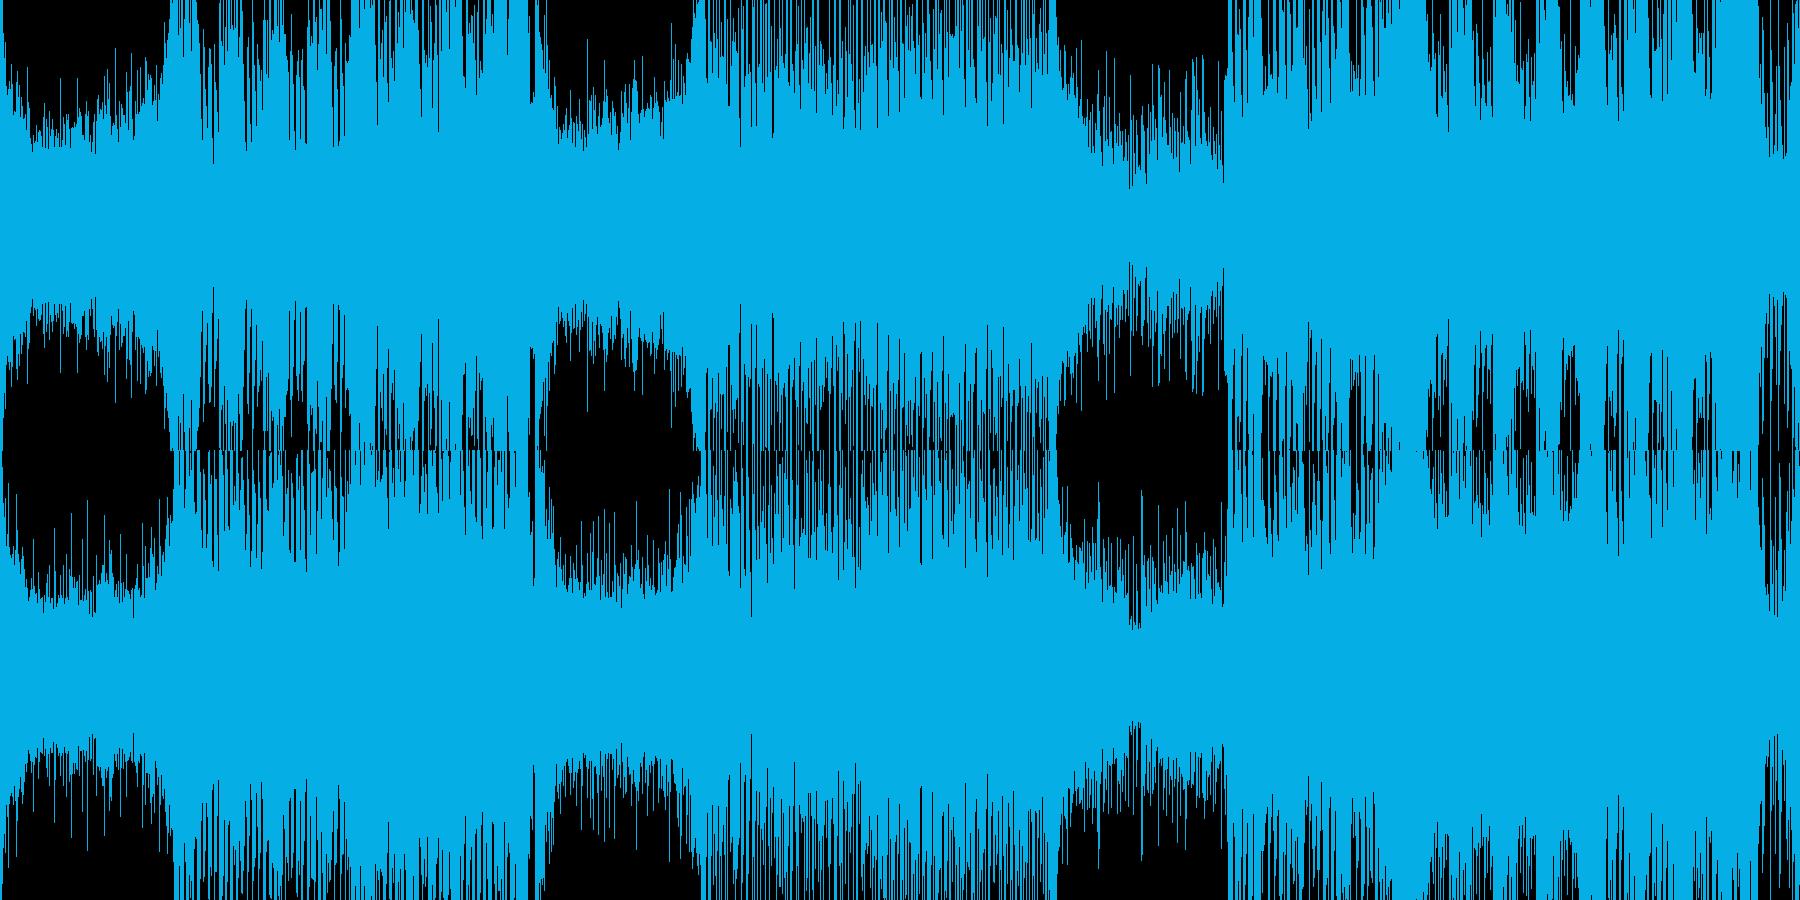 【ループ】緊迫感のある高速オーケストラの再生済みの波形